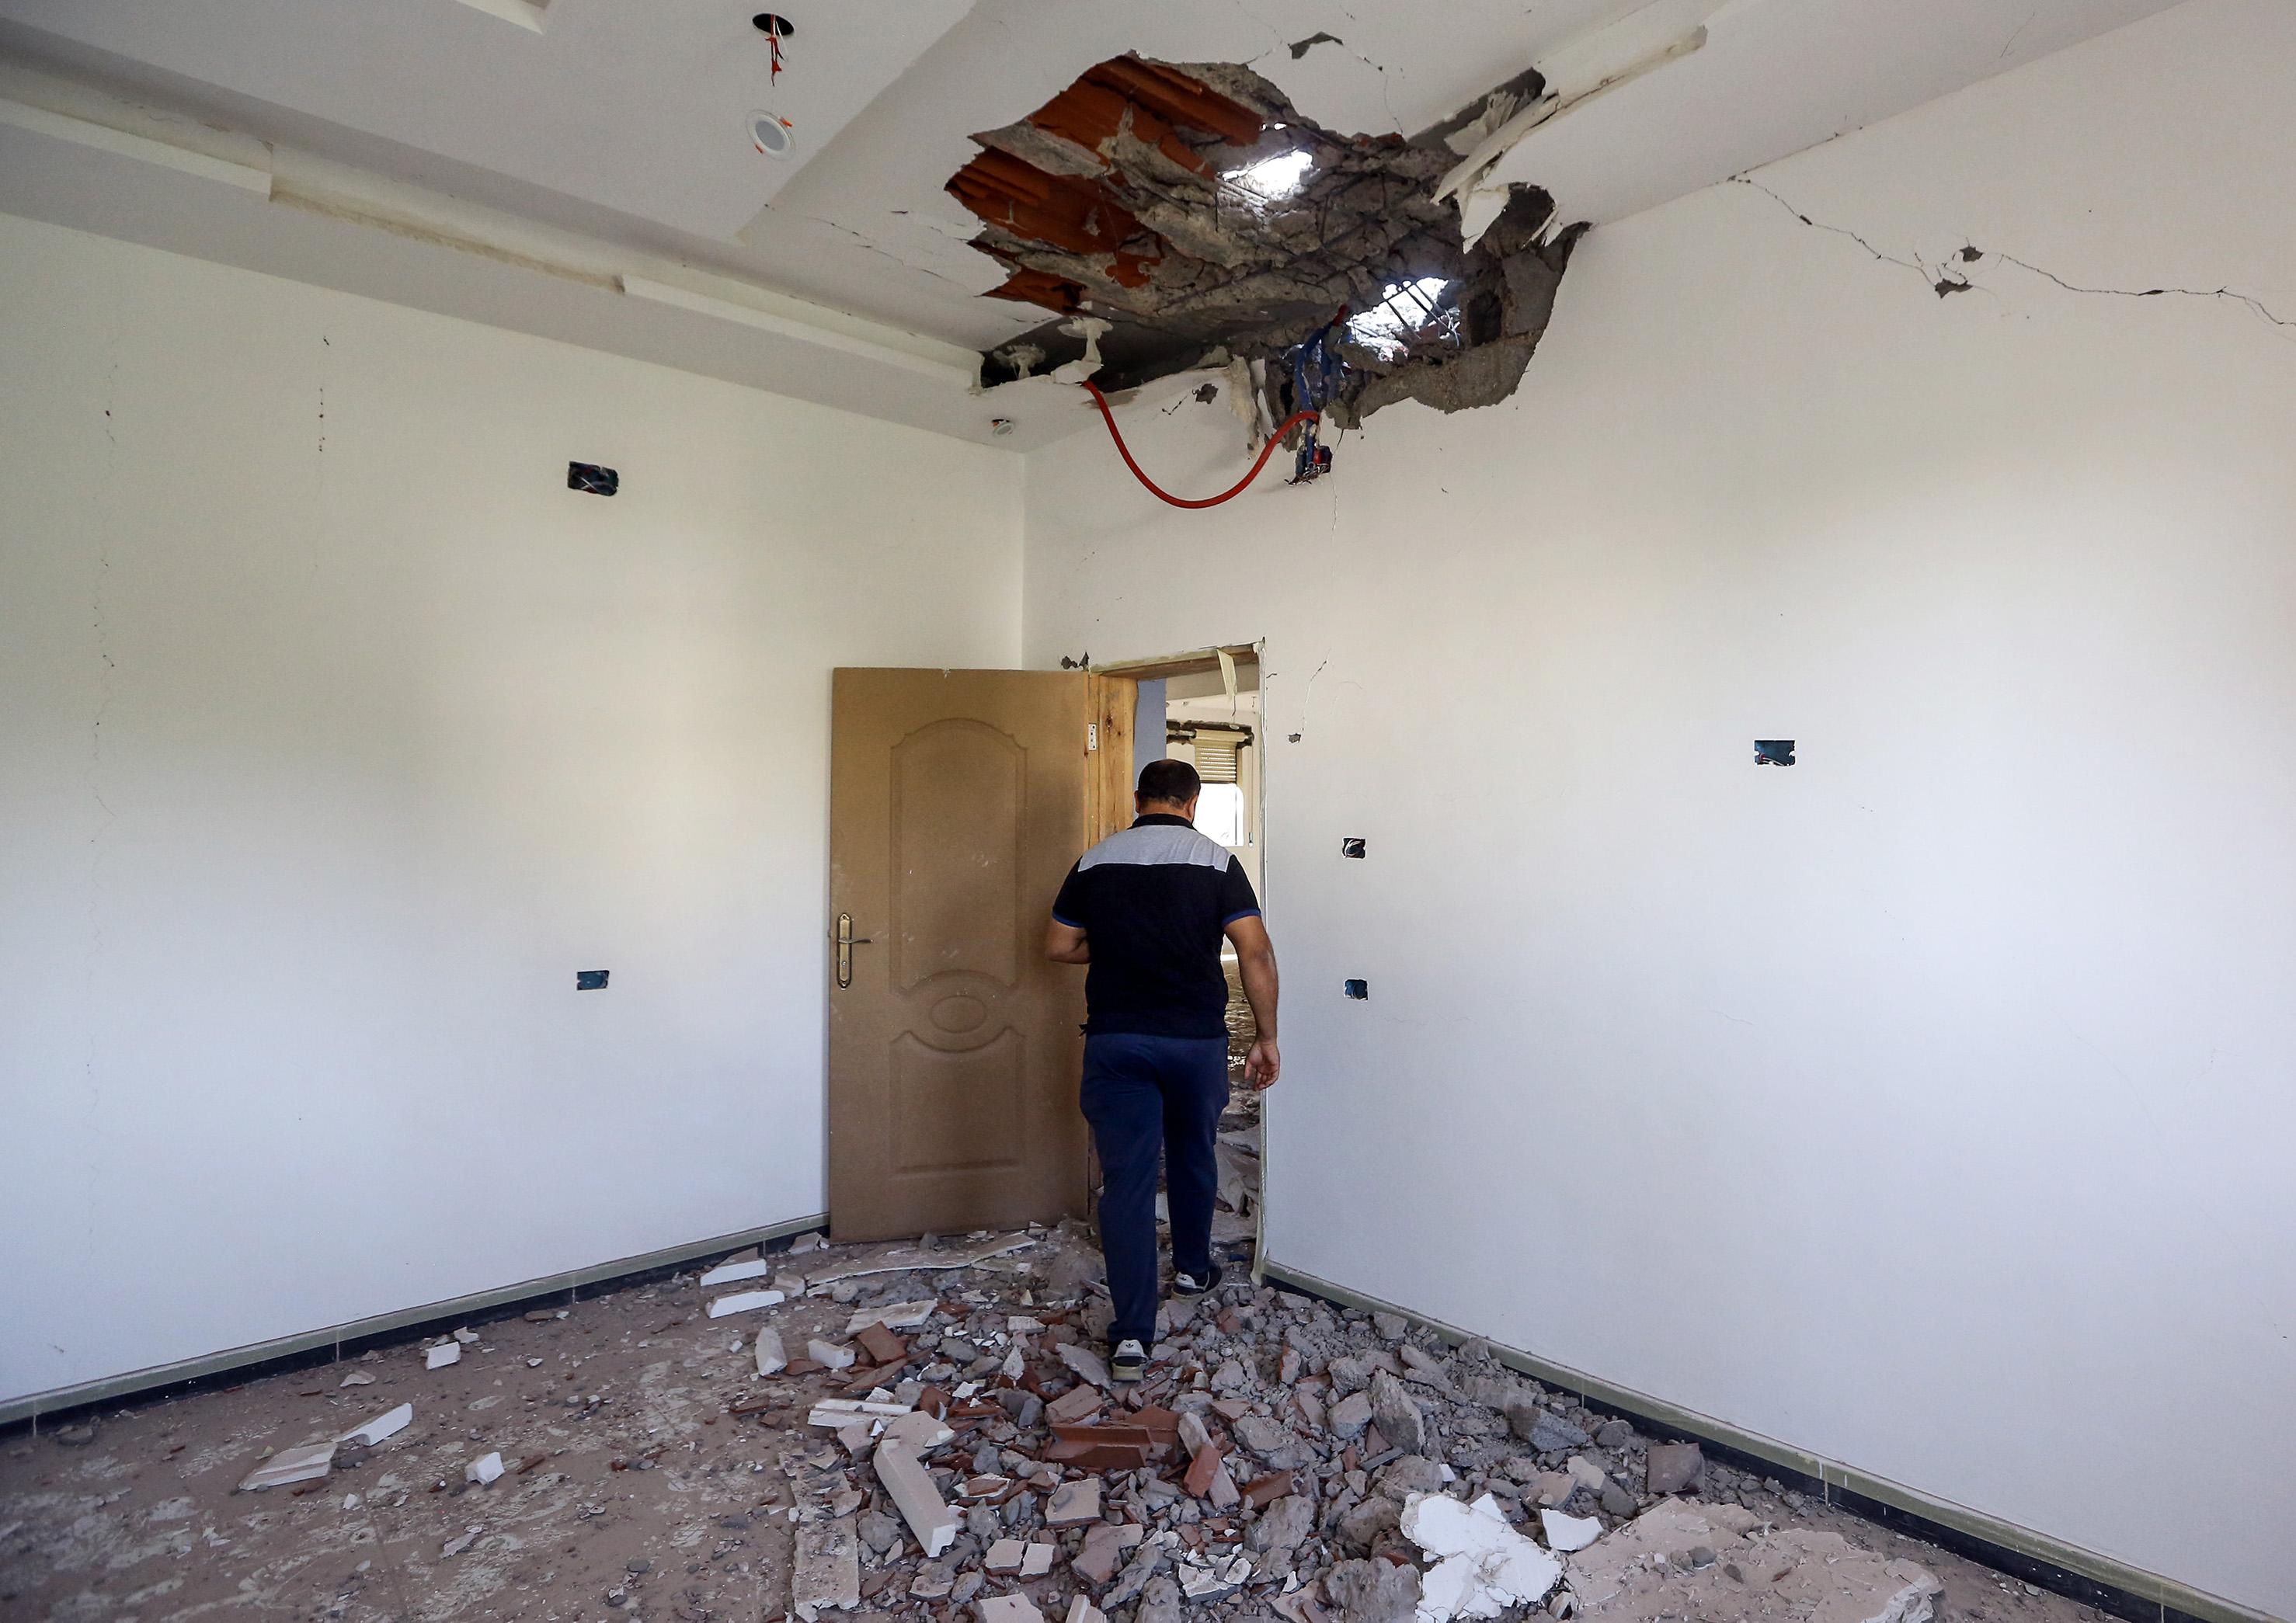 قذيفة صاروخية عشوائية خلال الاشتباكات بين الفصائل المسلحة